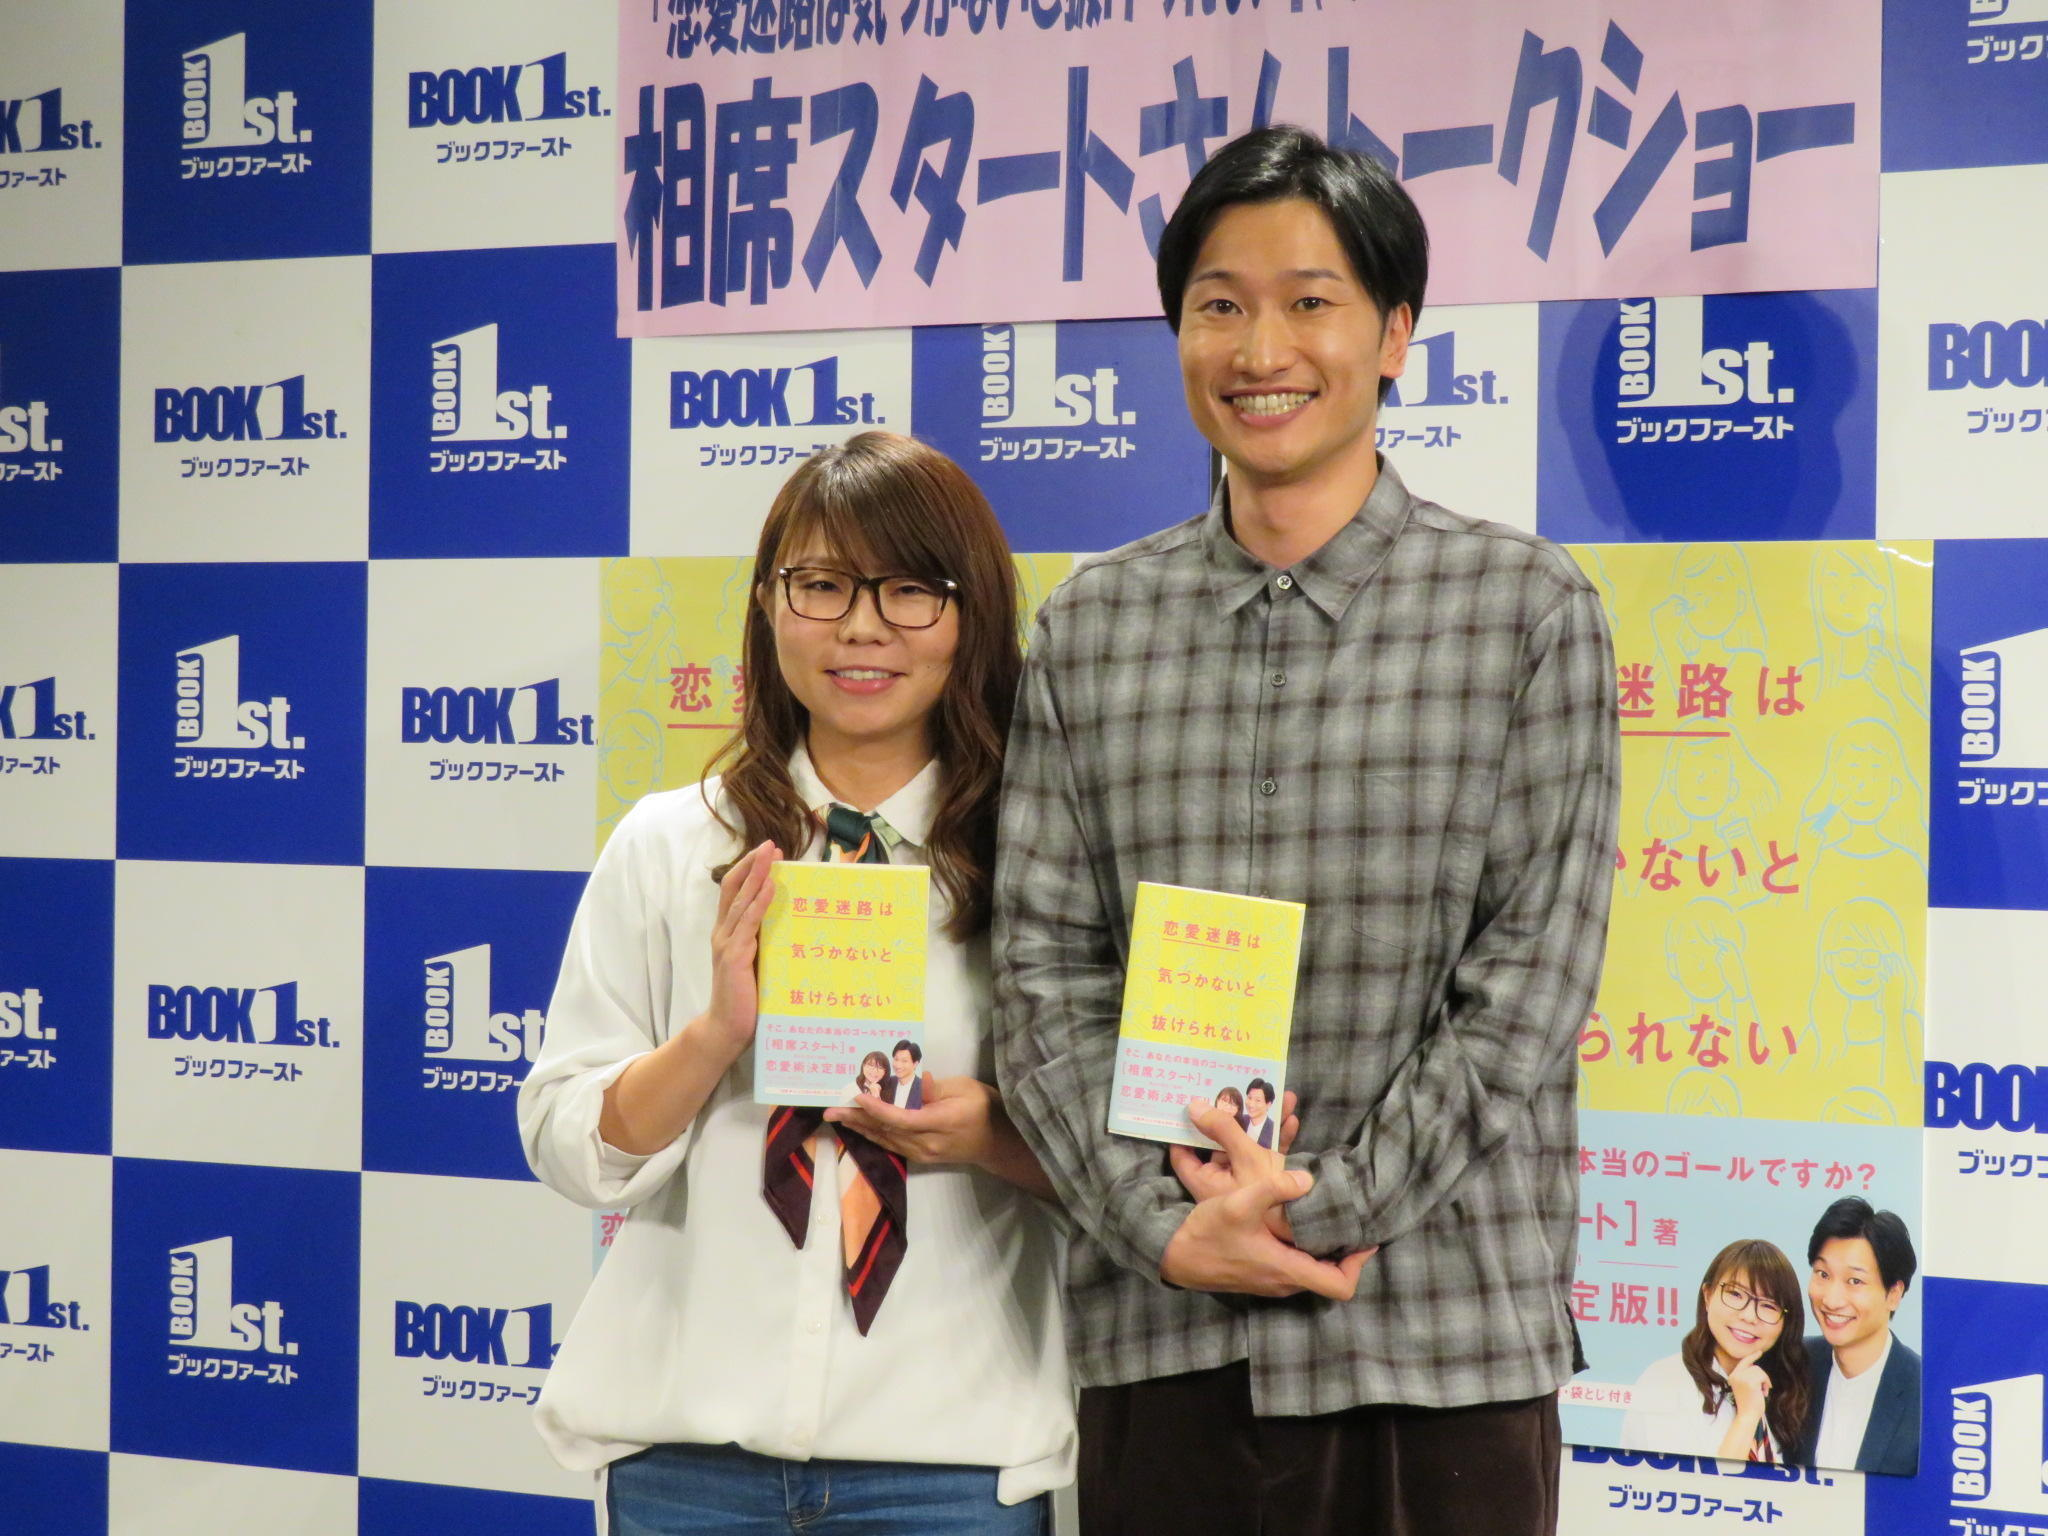 http://news.yoshimoto.co.jp/20190111174602-02126cb1060a952b6457d3a5b8c4e74cd0e78869.jpg